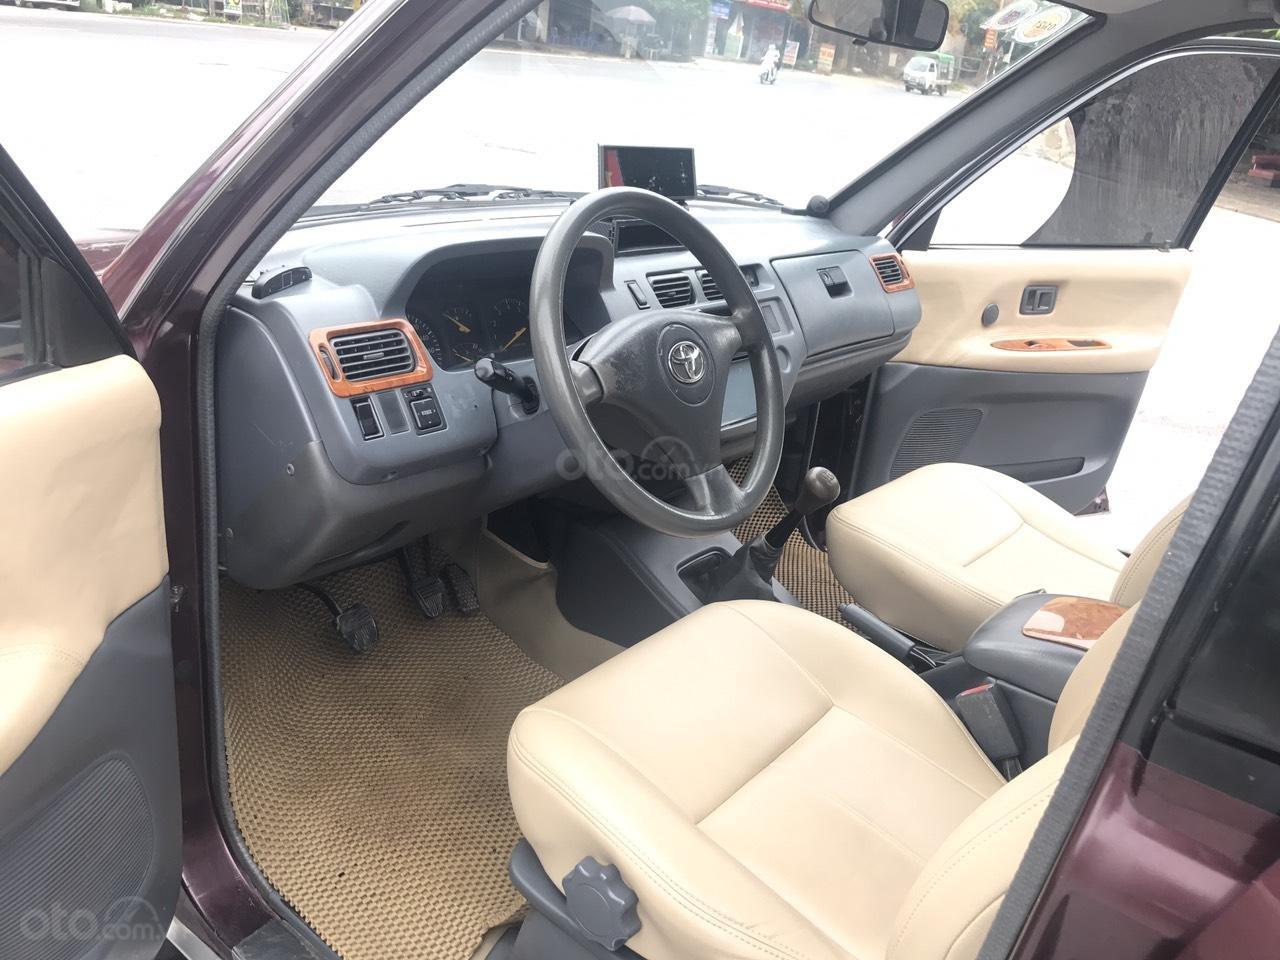 Toyota Zace GL cuối 2004, màu đỏ, chính 1 chủ biển 4 số sử dụng từ mới, nói không với lỗi nhỏ, mới nhất Việt Nam (4)